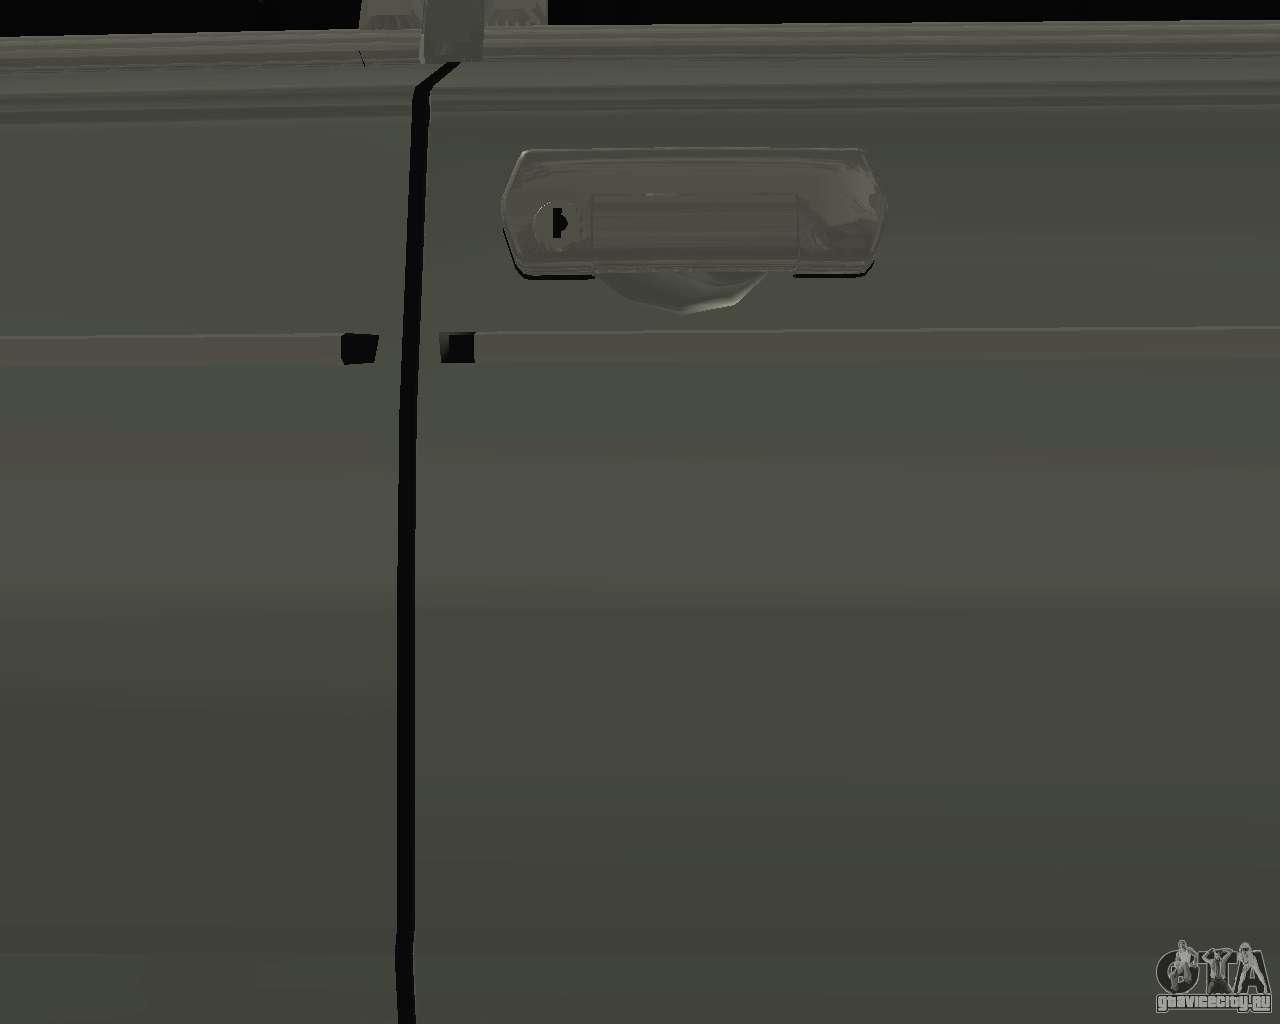 передние фары на ваз 2106 в фото